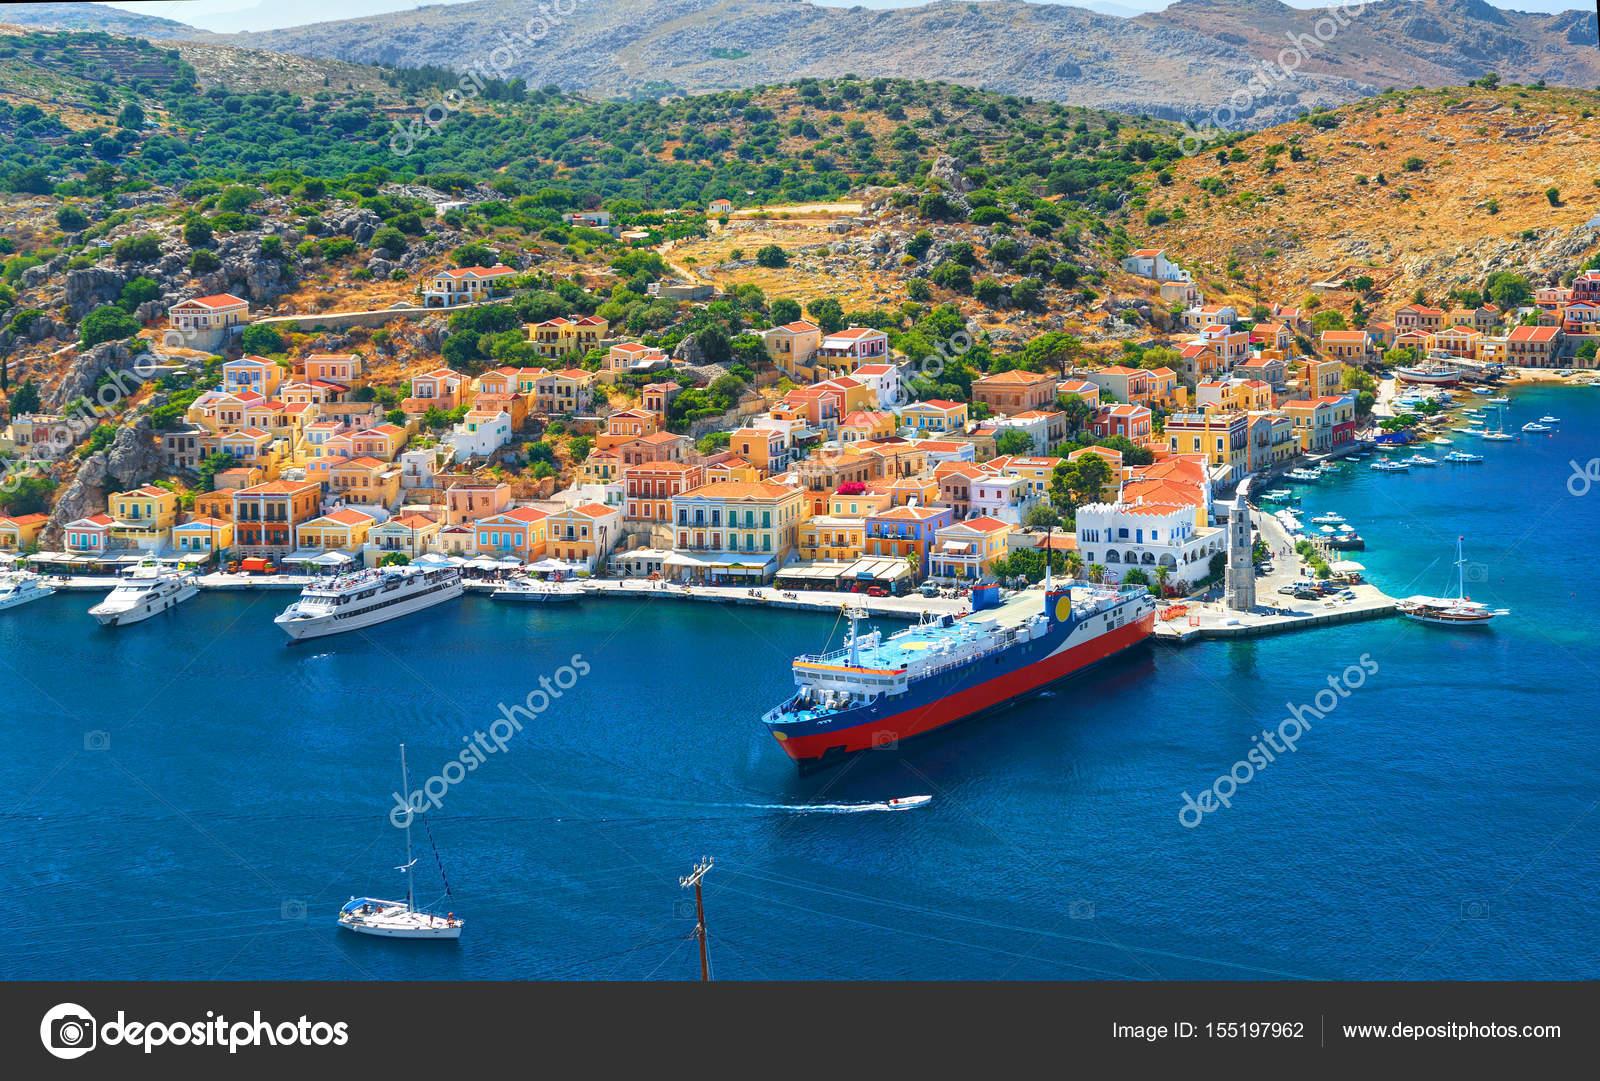 puerto de yates ferry turstico en la baha del mar egeo azul mediterrneo de msc cruceros grecia islas vacaciones tours vacaciones